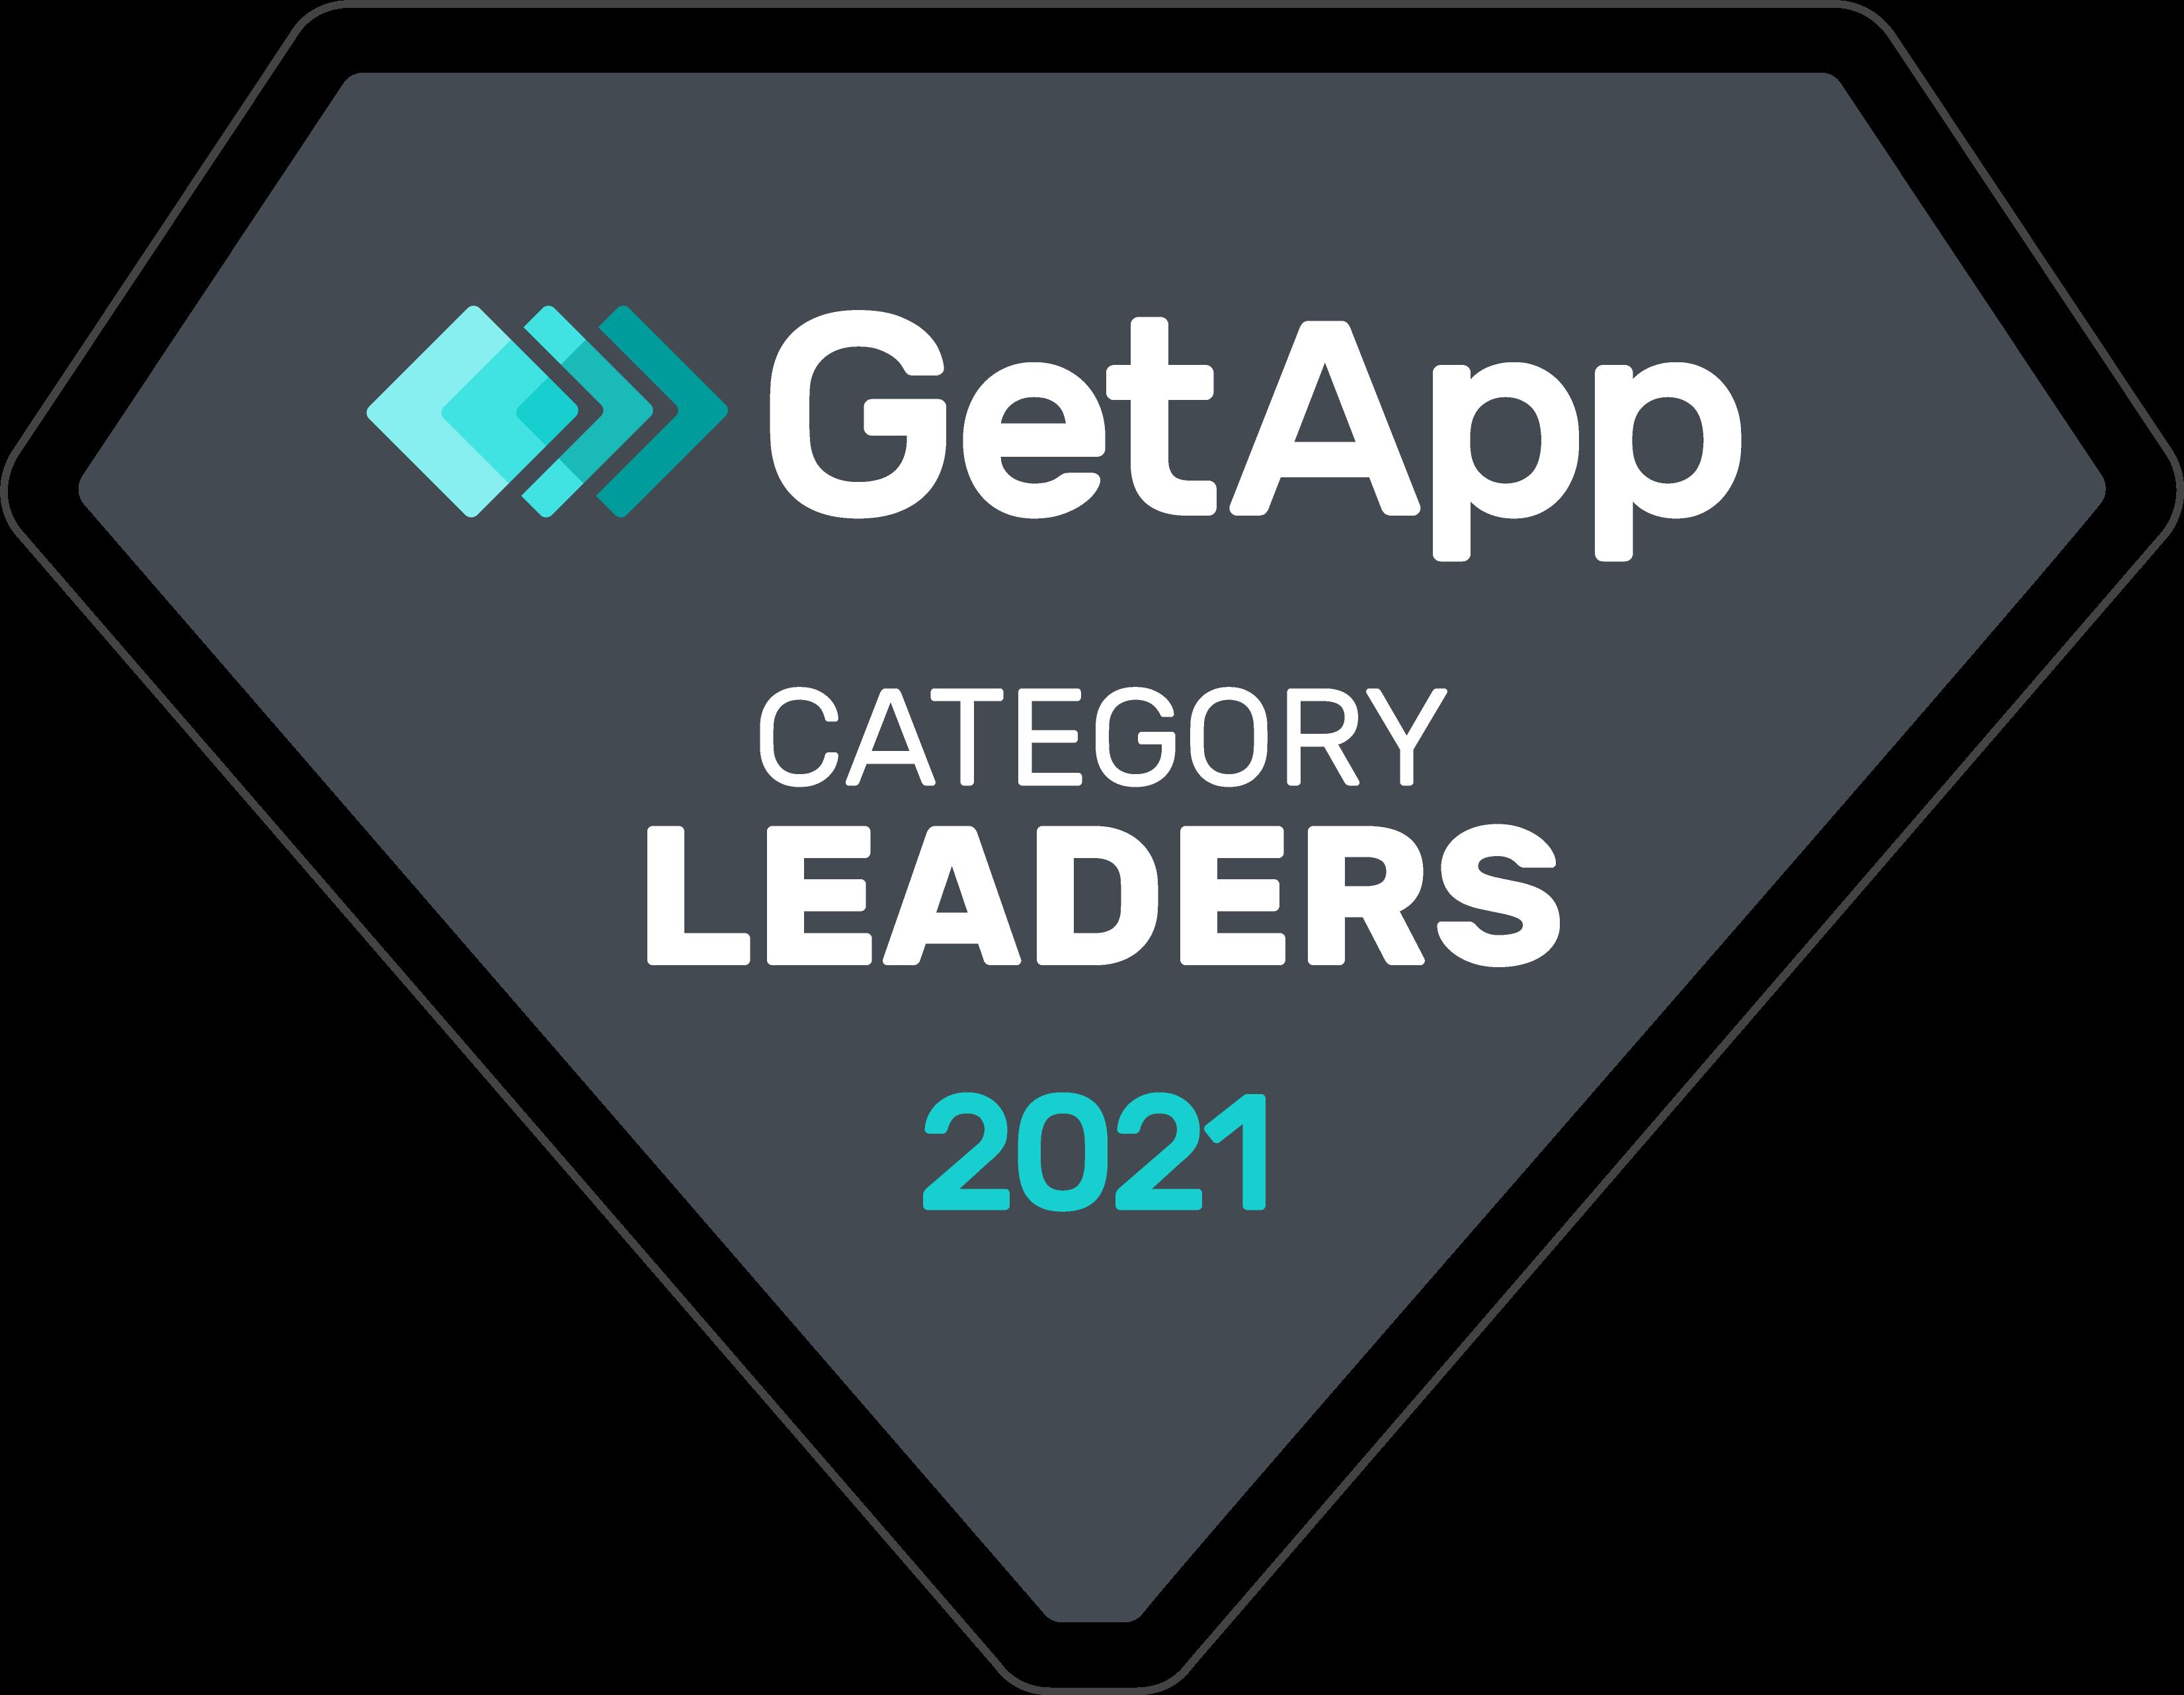 GetApp_CategoryLeaders-1